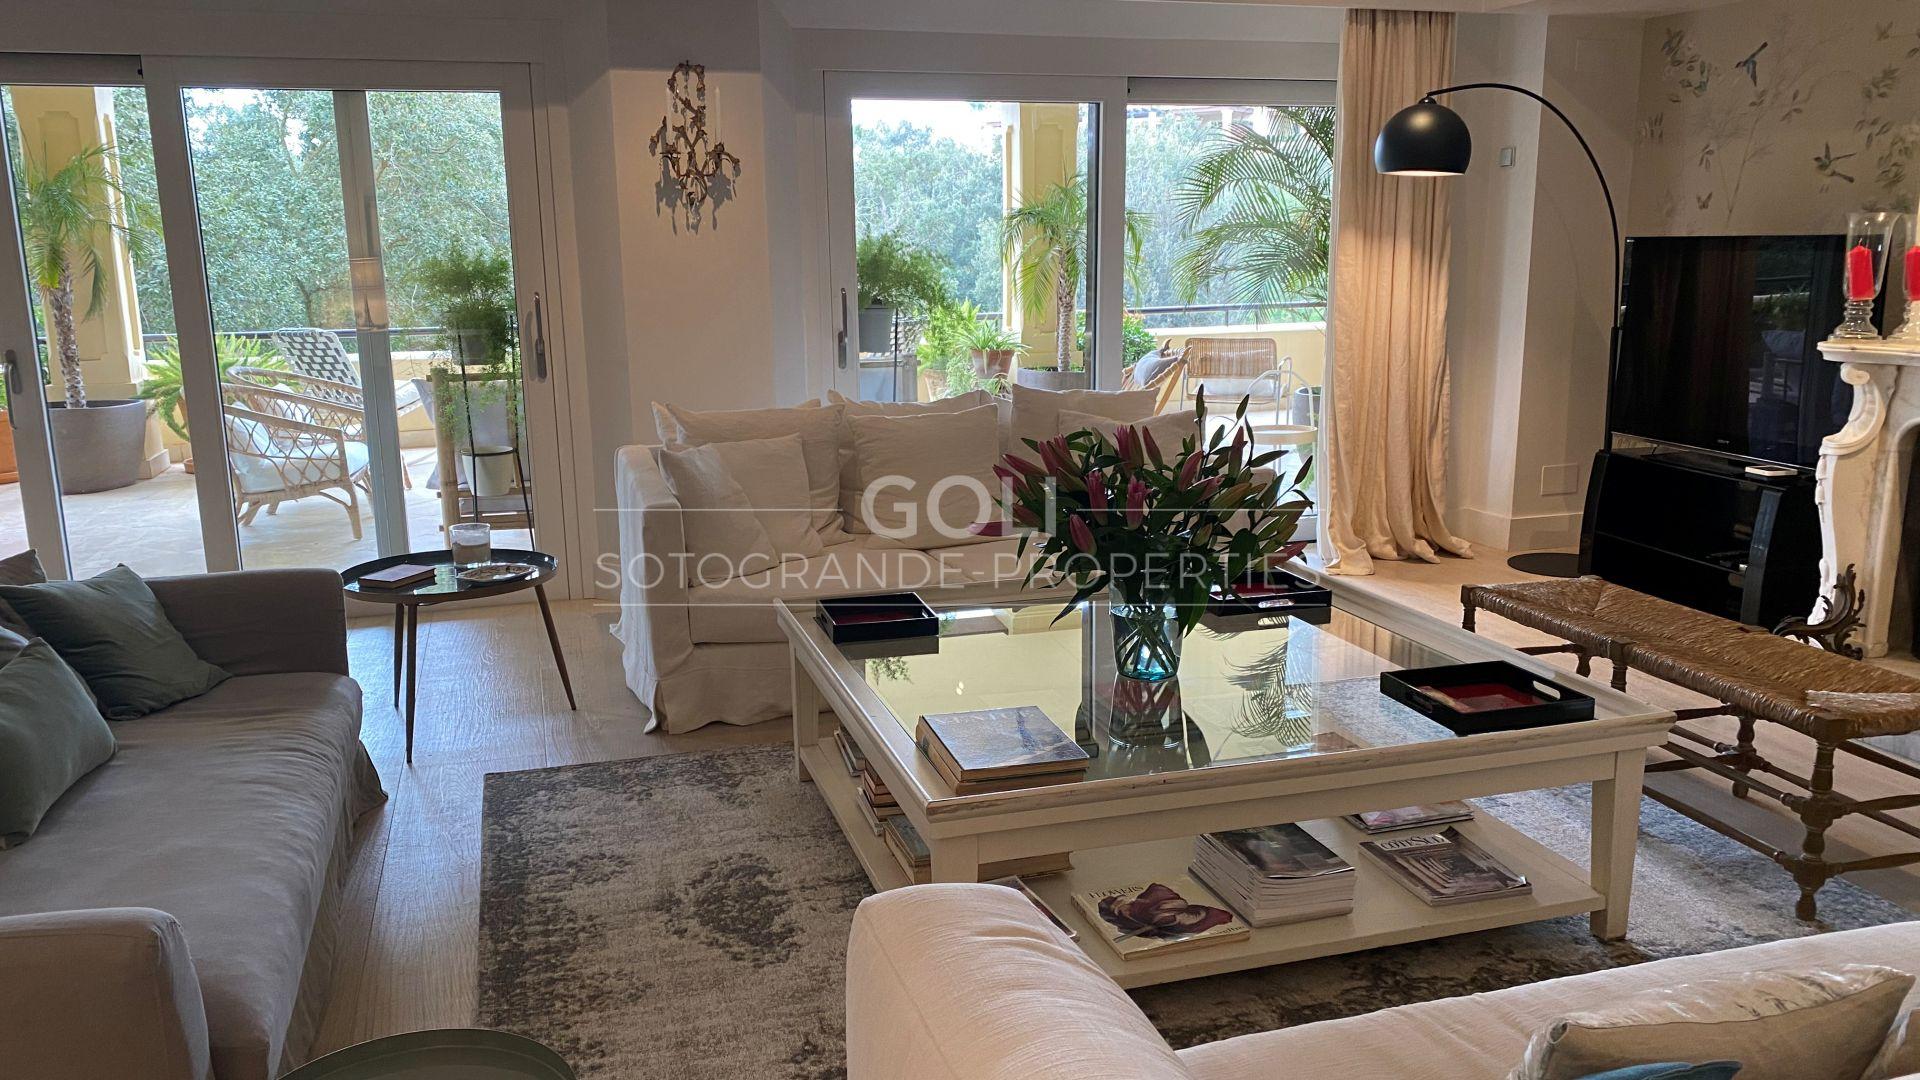 Fabuloso apartamento con acabados de calidad excepcional en Valgrande